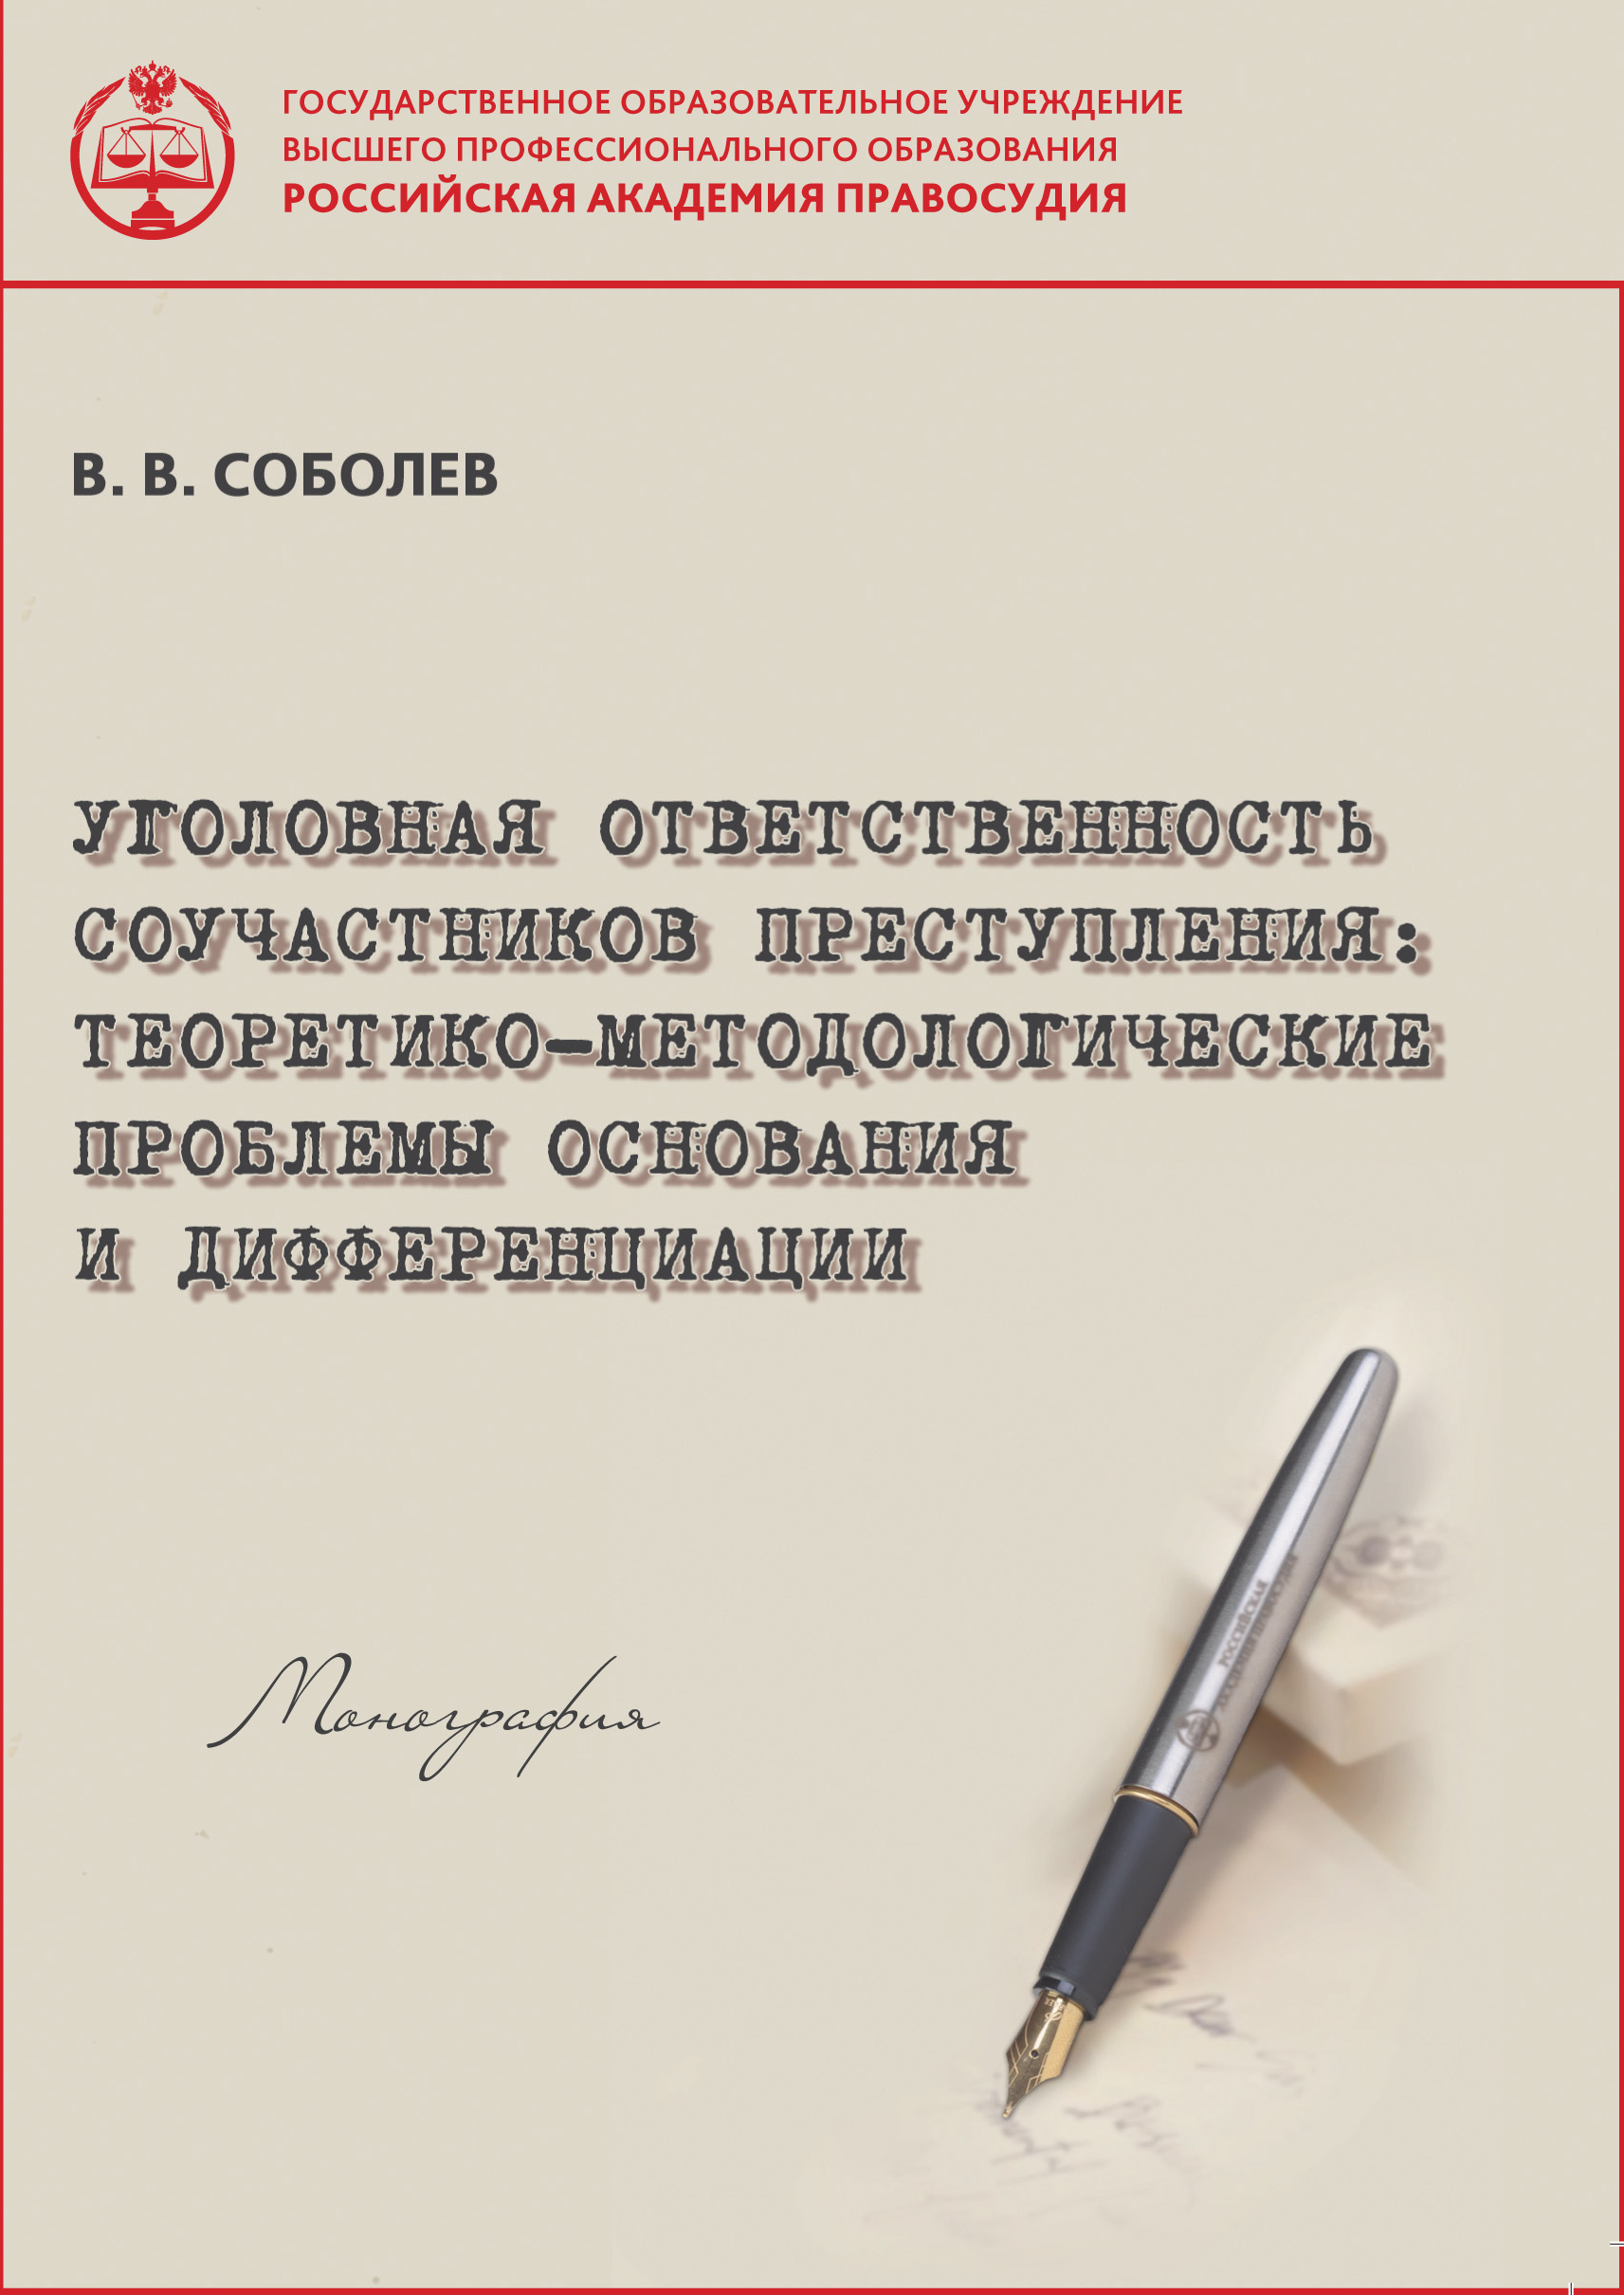 В. В. Соболев Уголовная ответственность соучастников преступления. Теоретико-методологические проблемы основания и дифференциации.